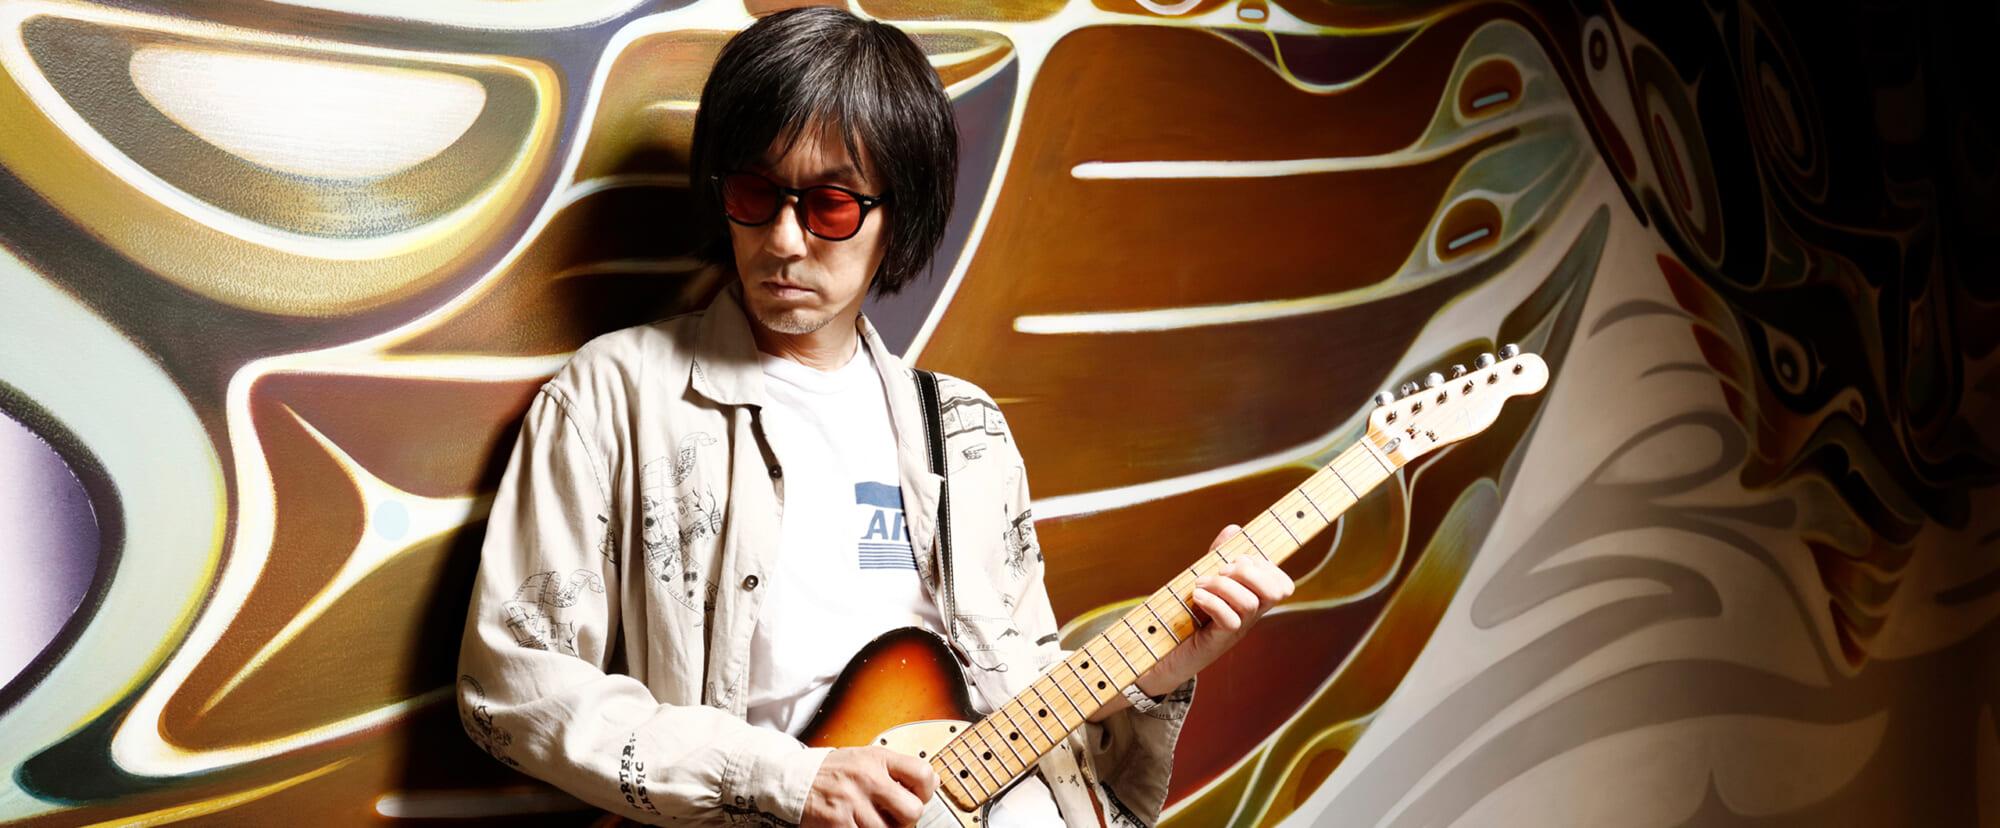 特集:フジイケンジ(The Birthday)飽くなきギターへの探究心